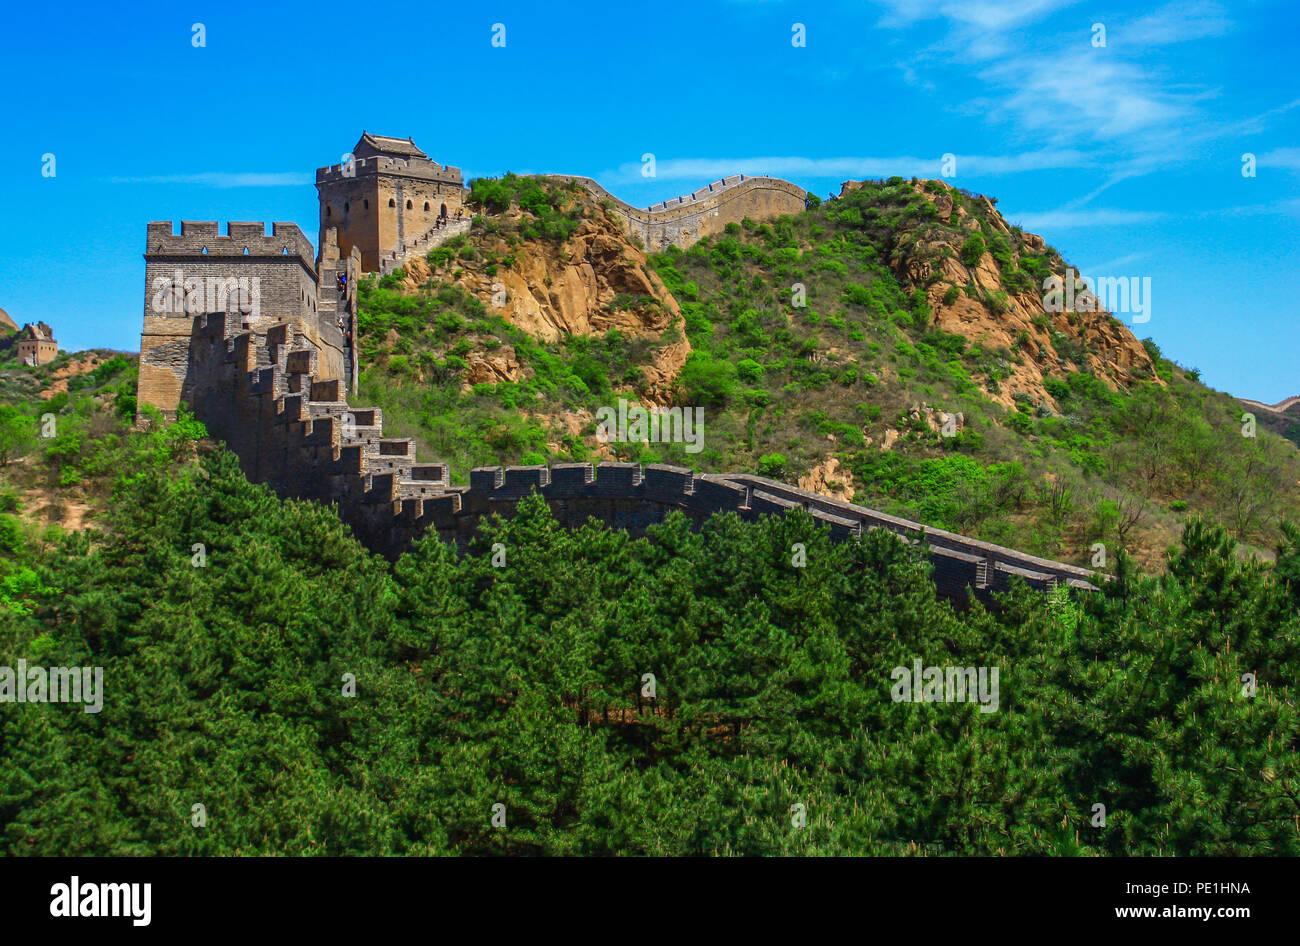 Jinshanling, Cina - probabilmente il più famoso punto di riferimento in Cina, il Grande Muro corre per circa 9.000 km Immagini Stock